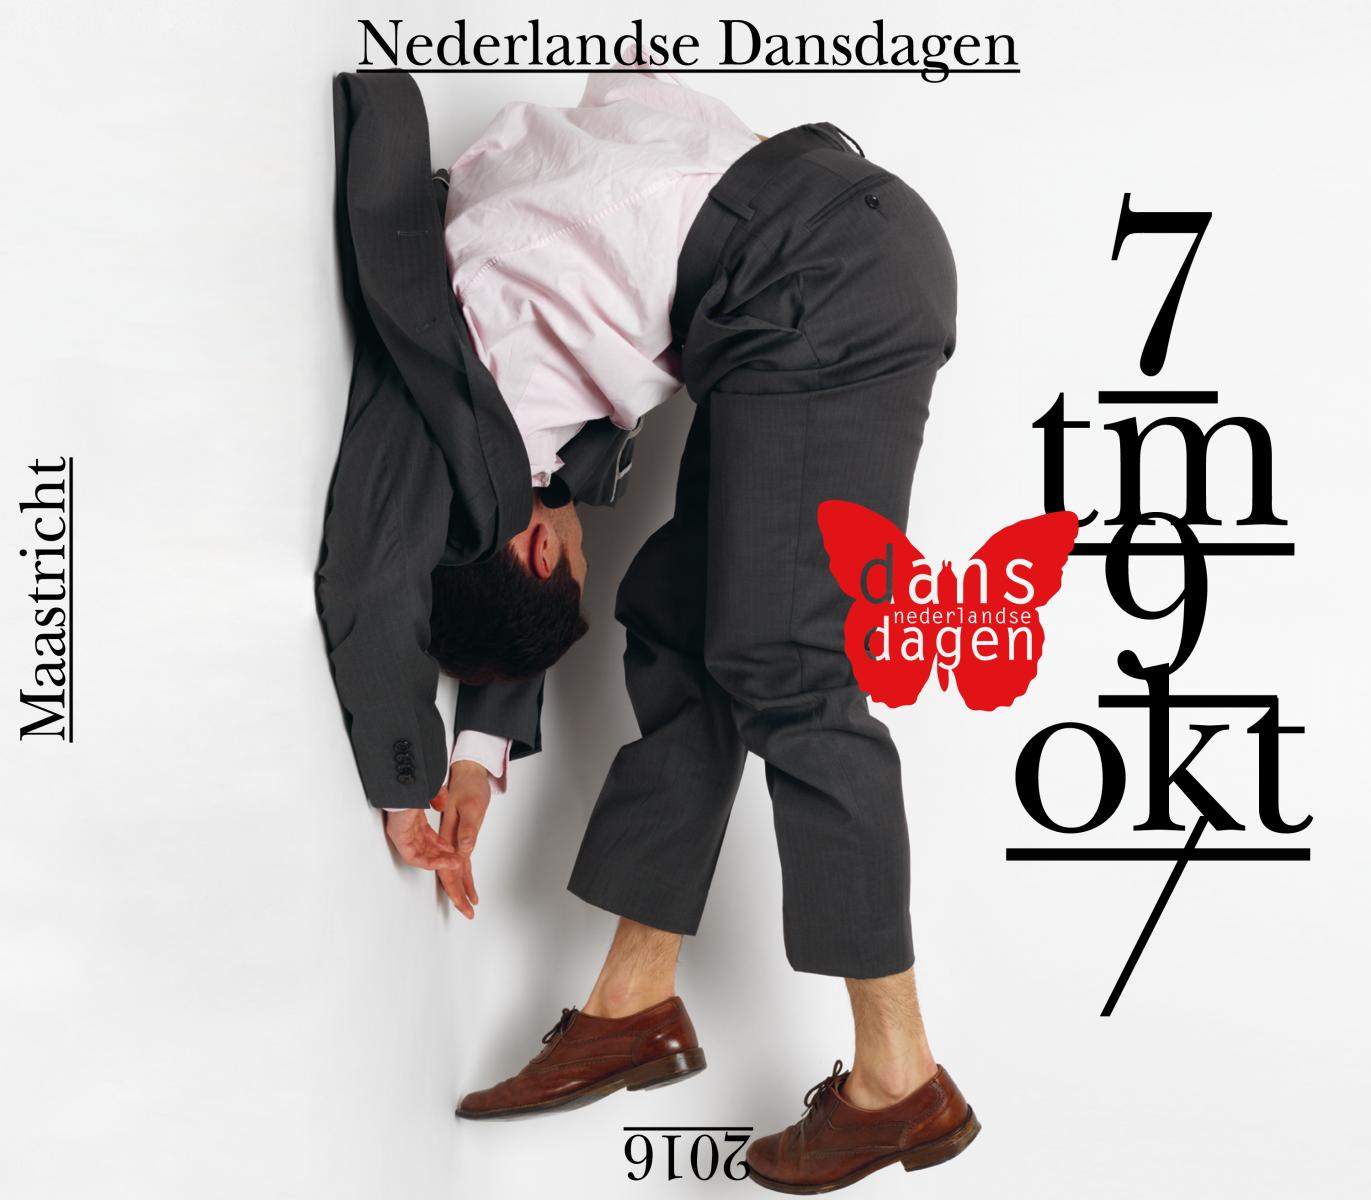 Online Blokadvertentie Nederlandse Dansdagen